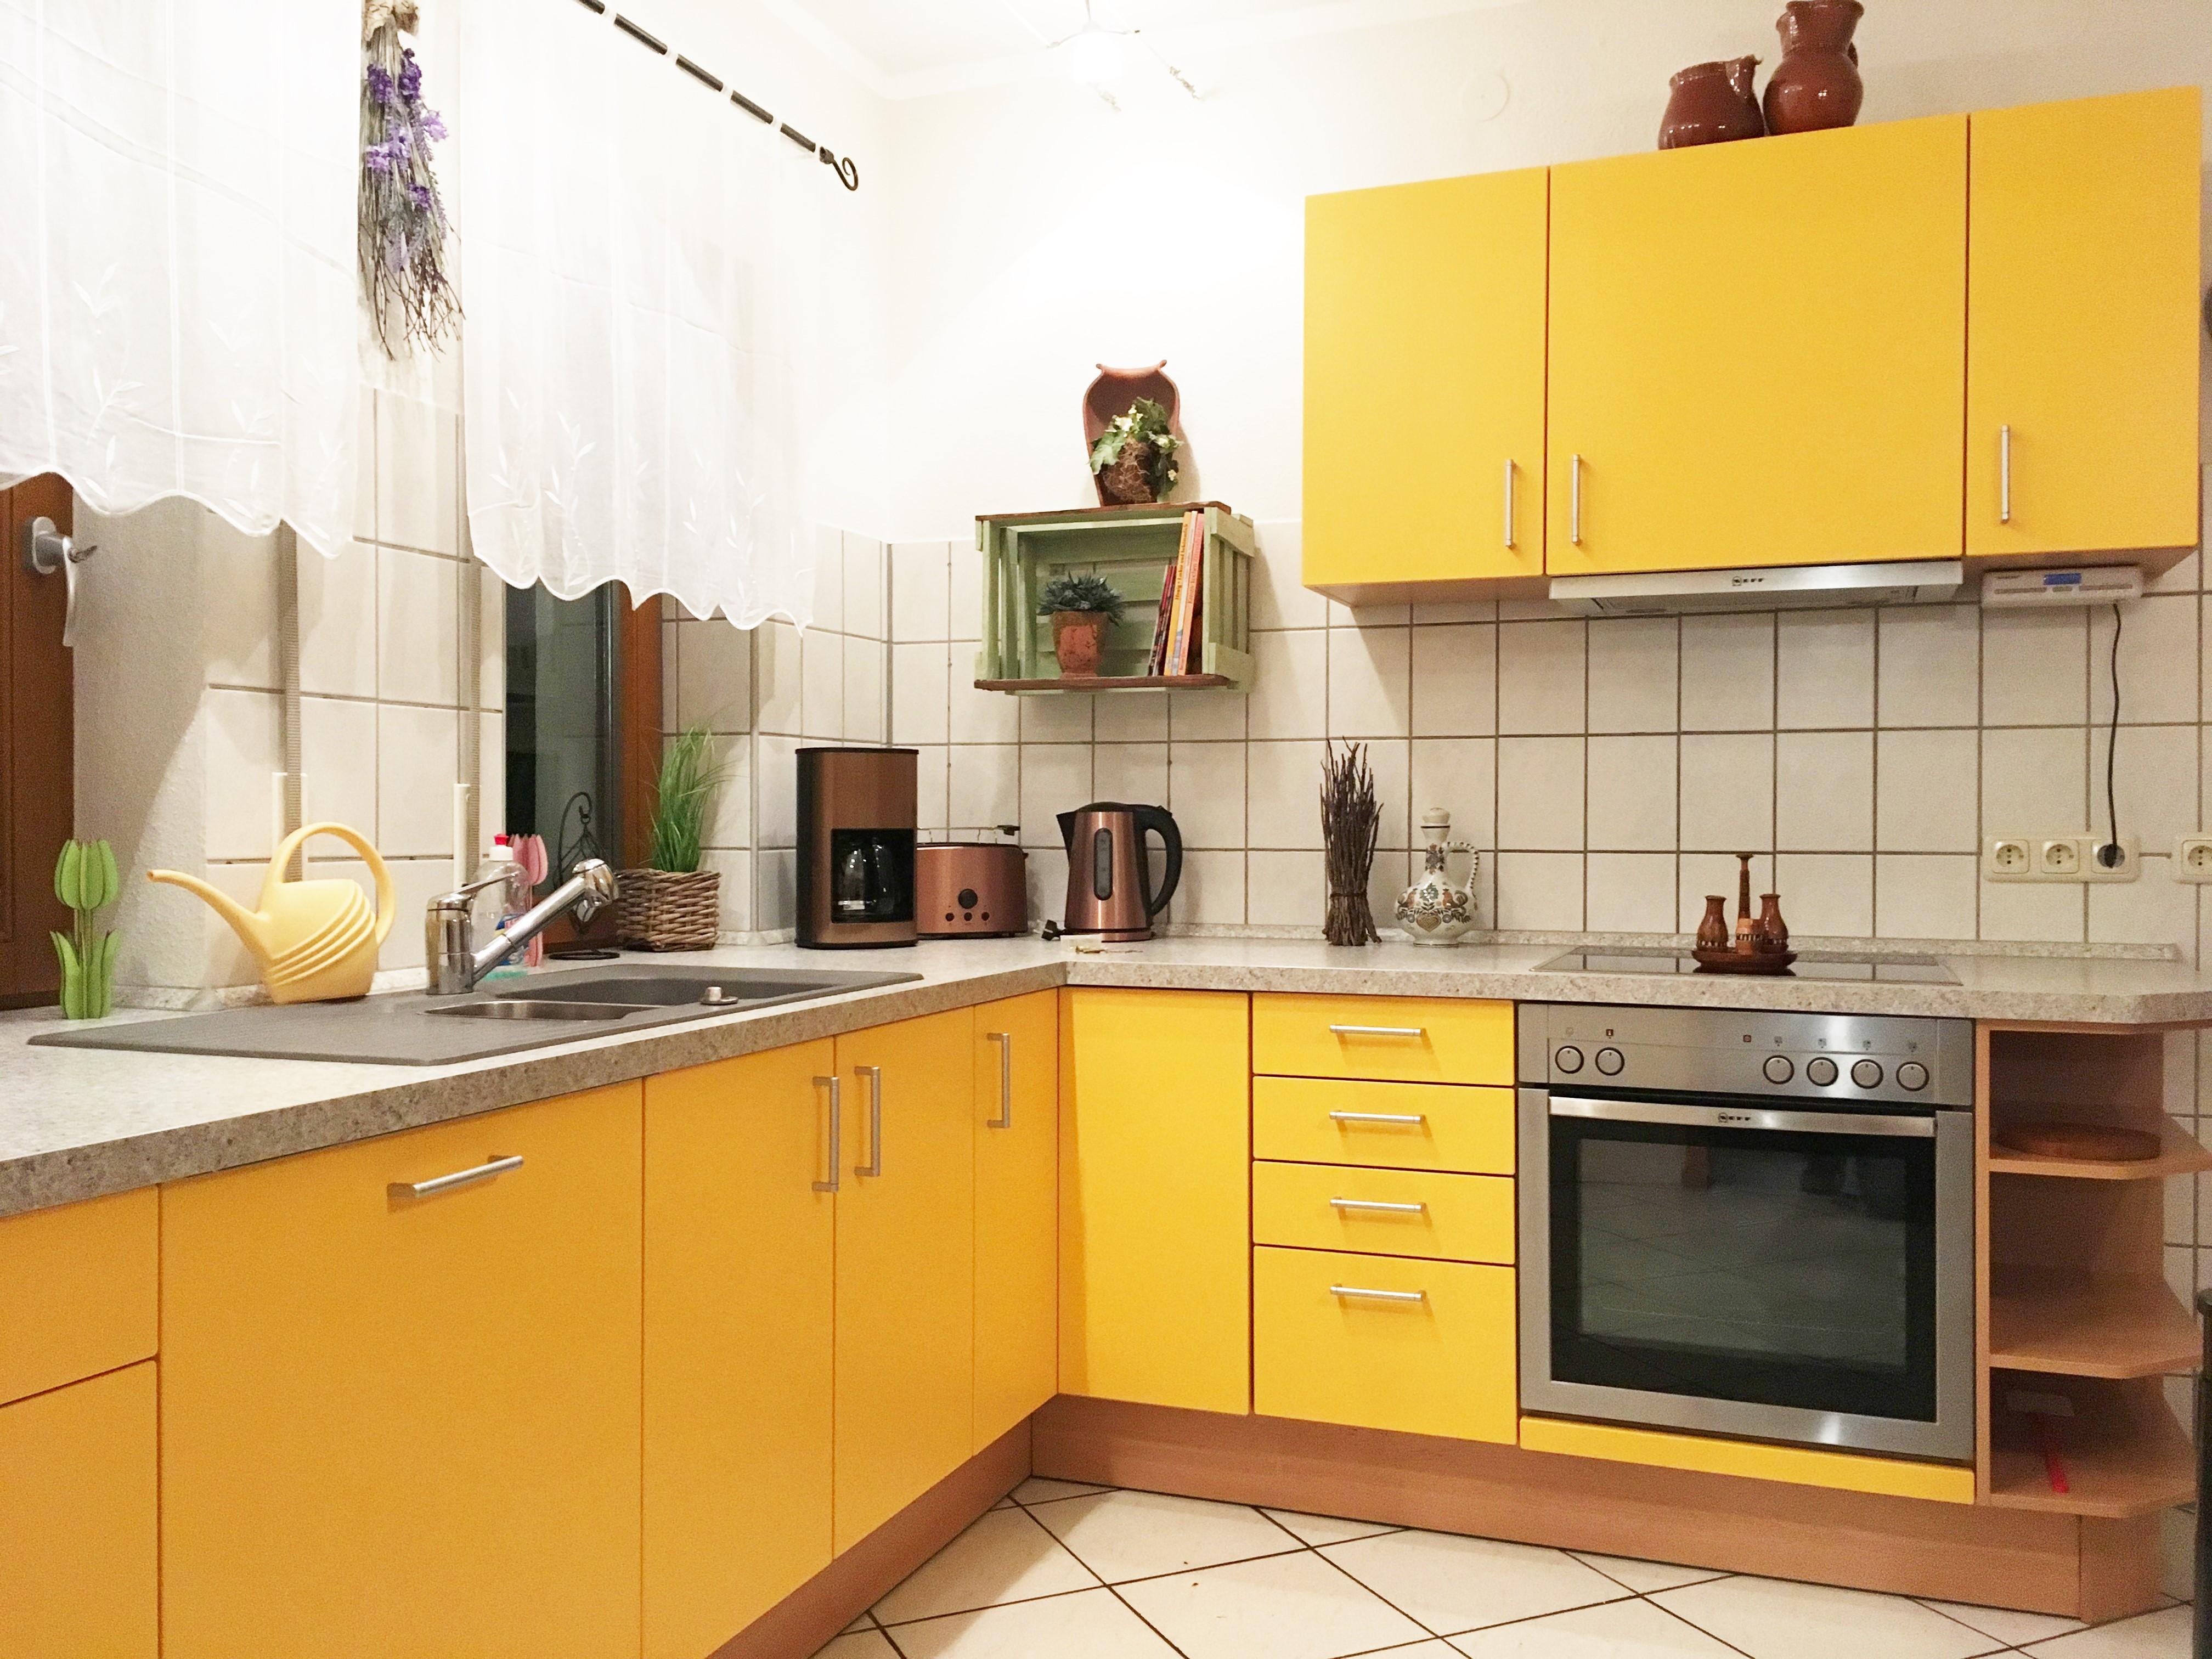 kchenzeile roller ka che einbaukche mebasa kchenzeile kche cm buche ohne with kchenzeile roller. Black Bedroom Furniture Sets. Home Design Ideas